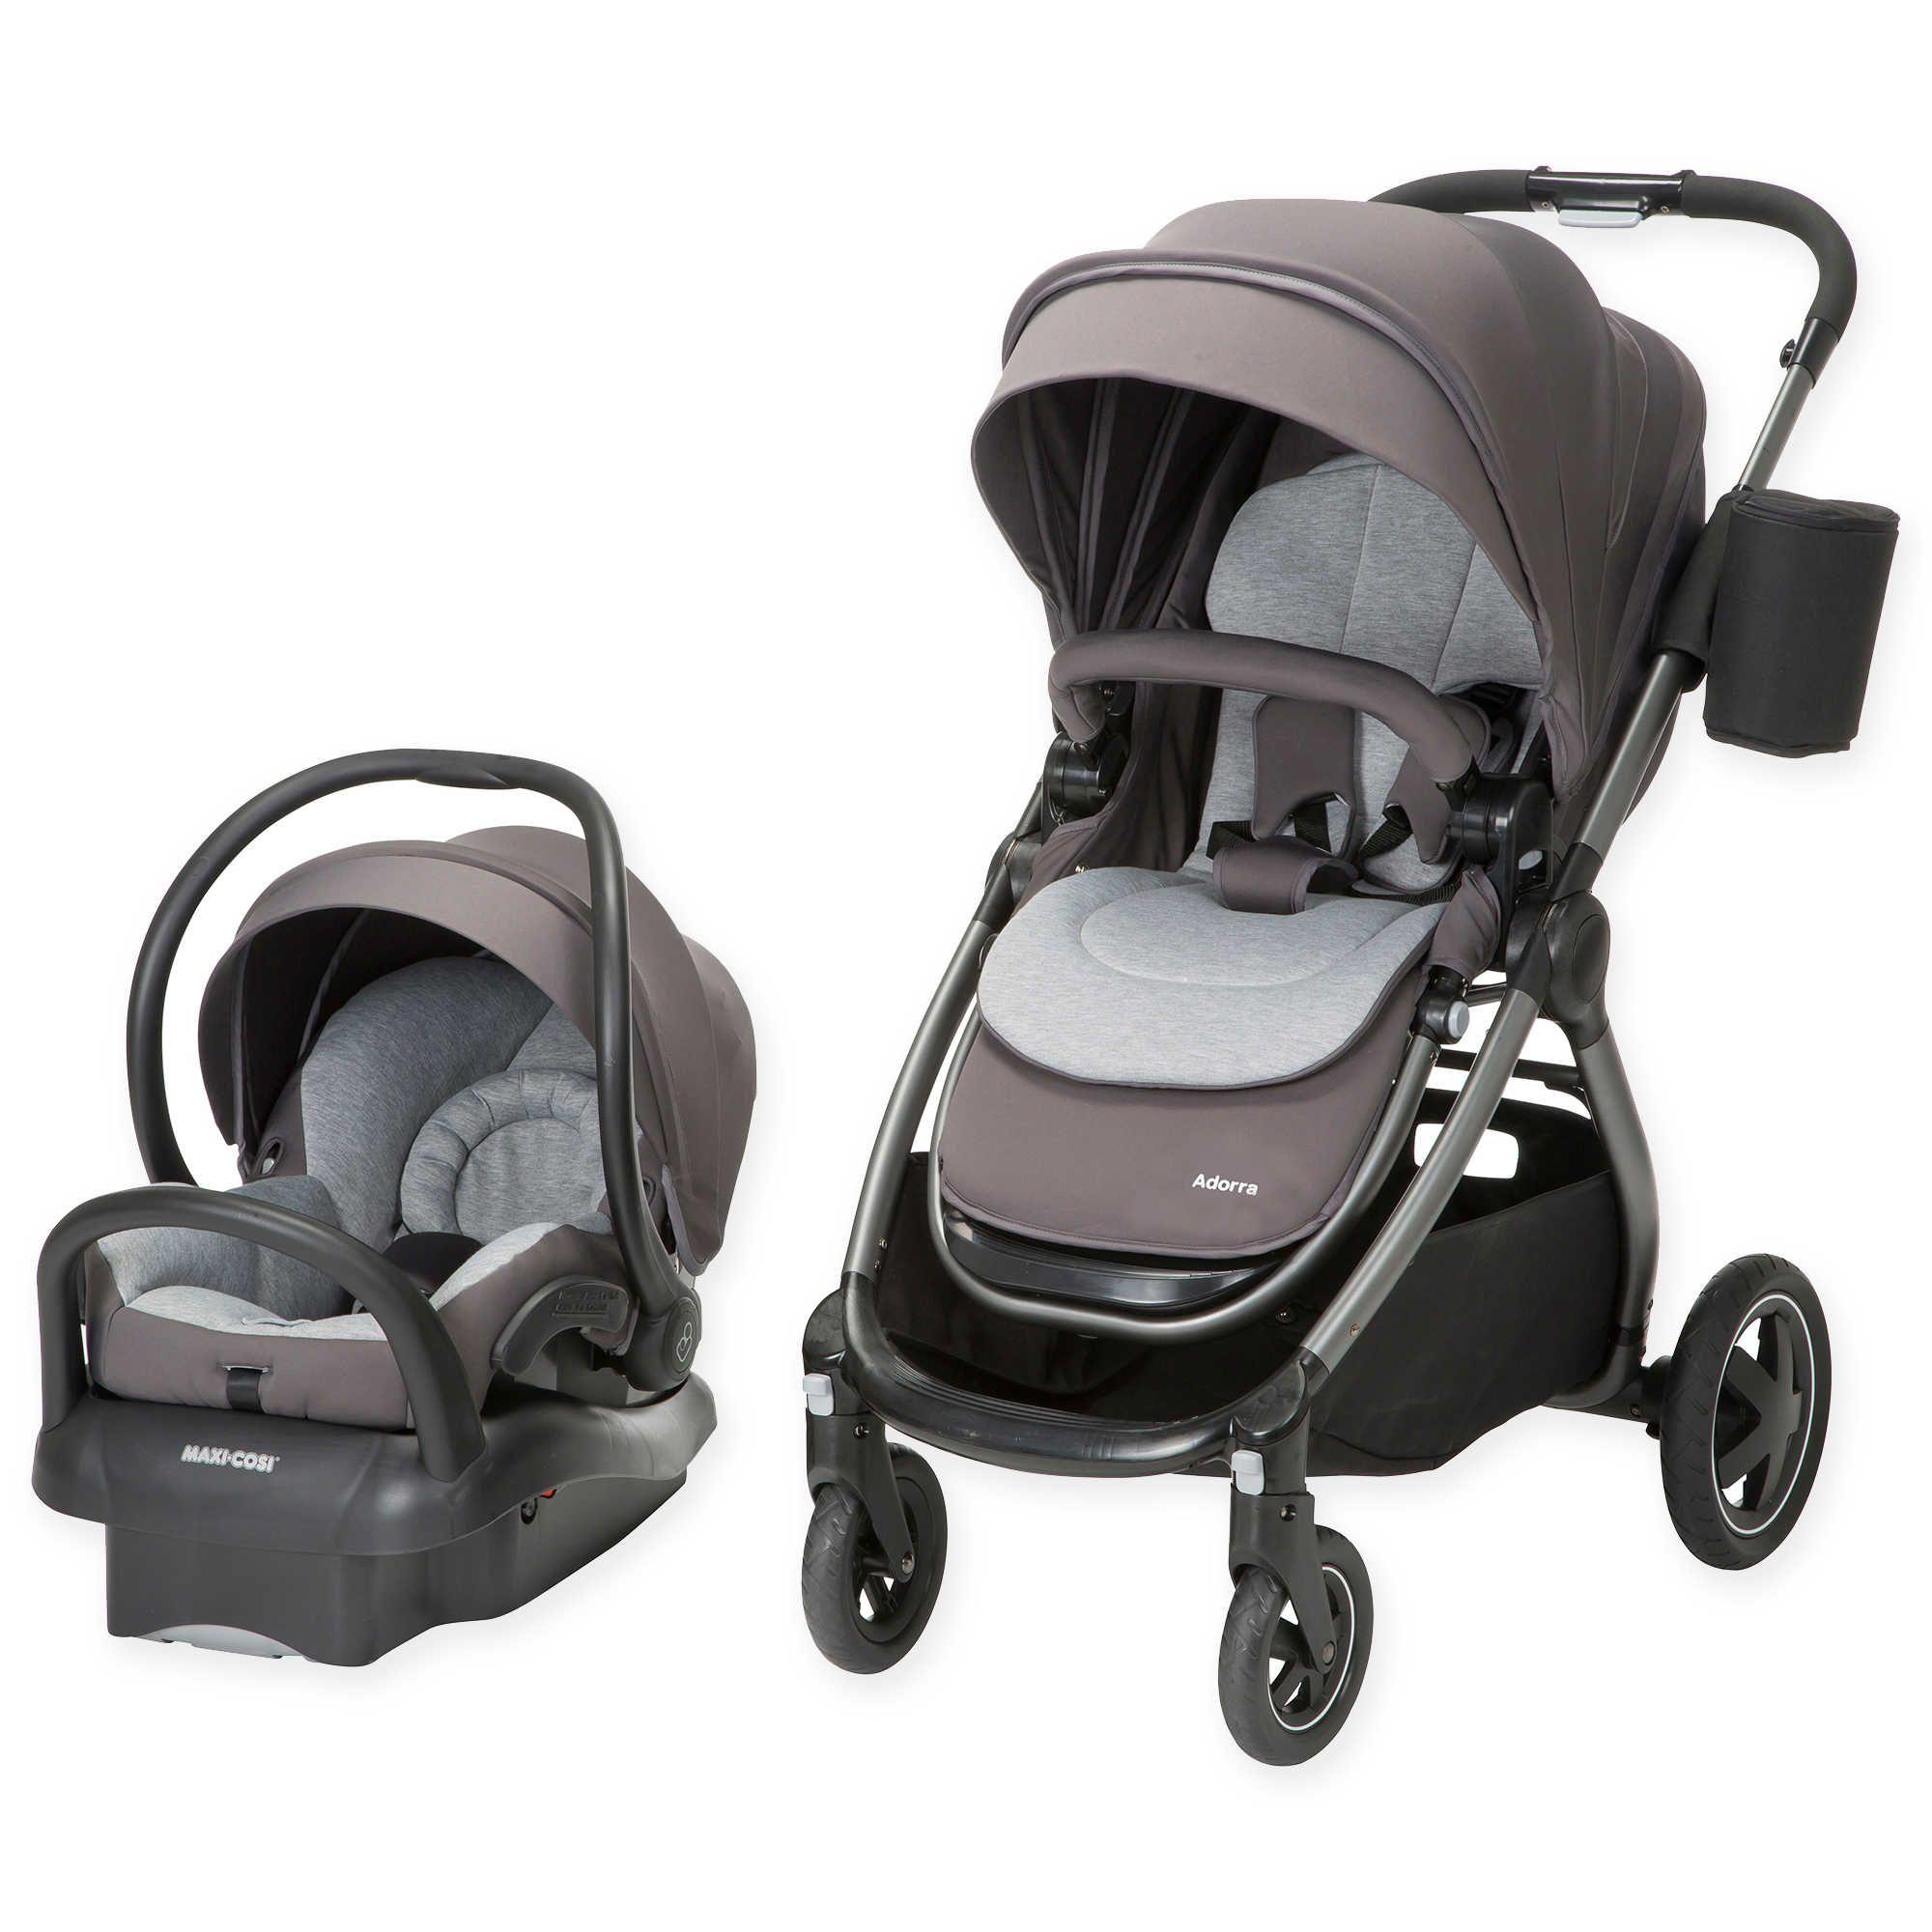 MaxiCosi® Adorra Travel System in Loyal Grey Baby car